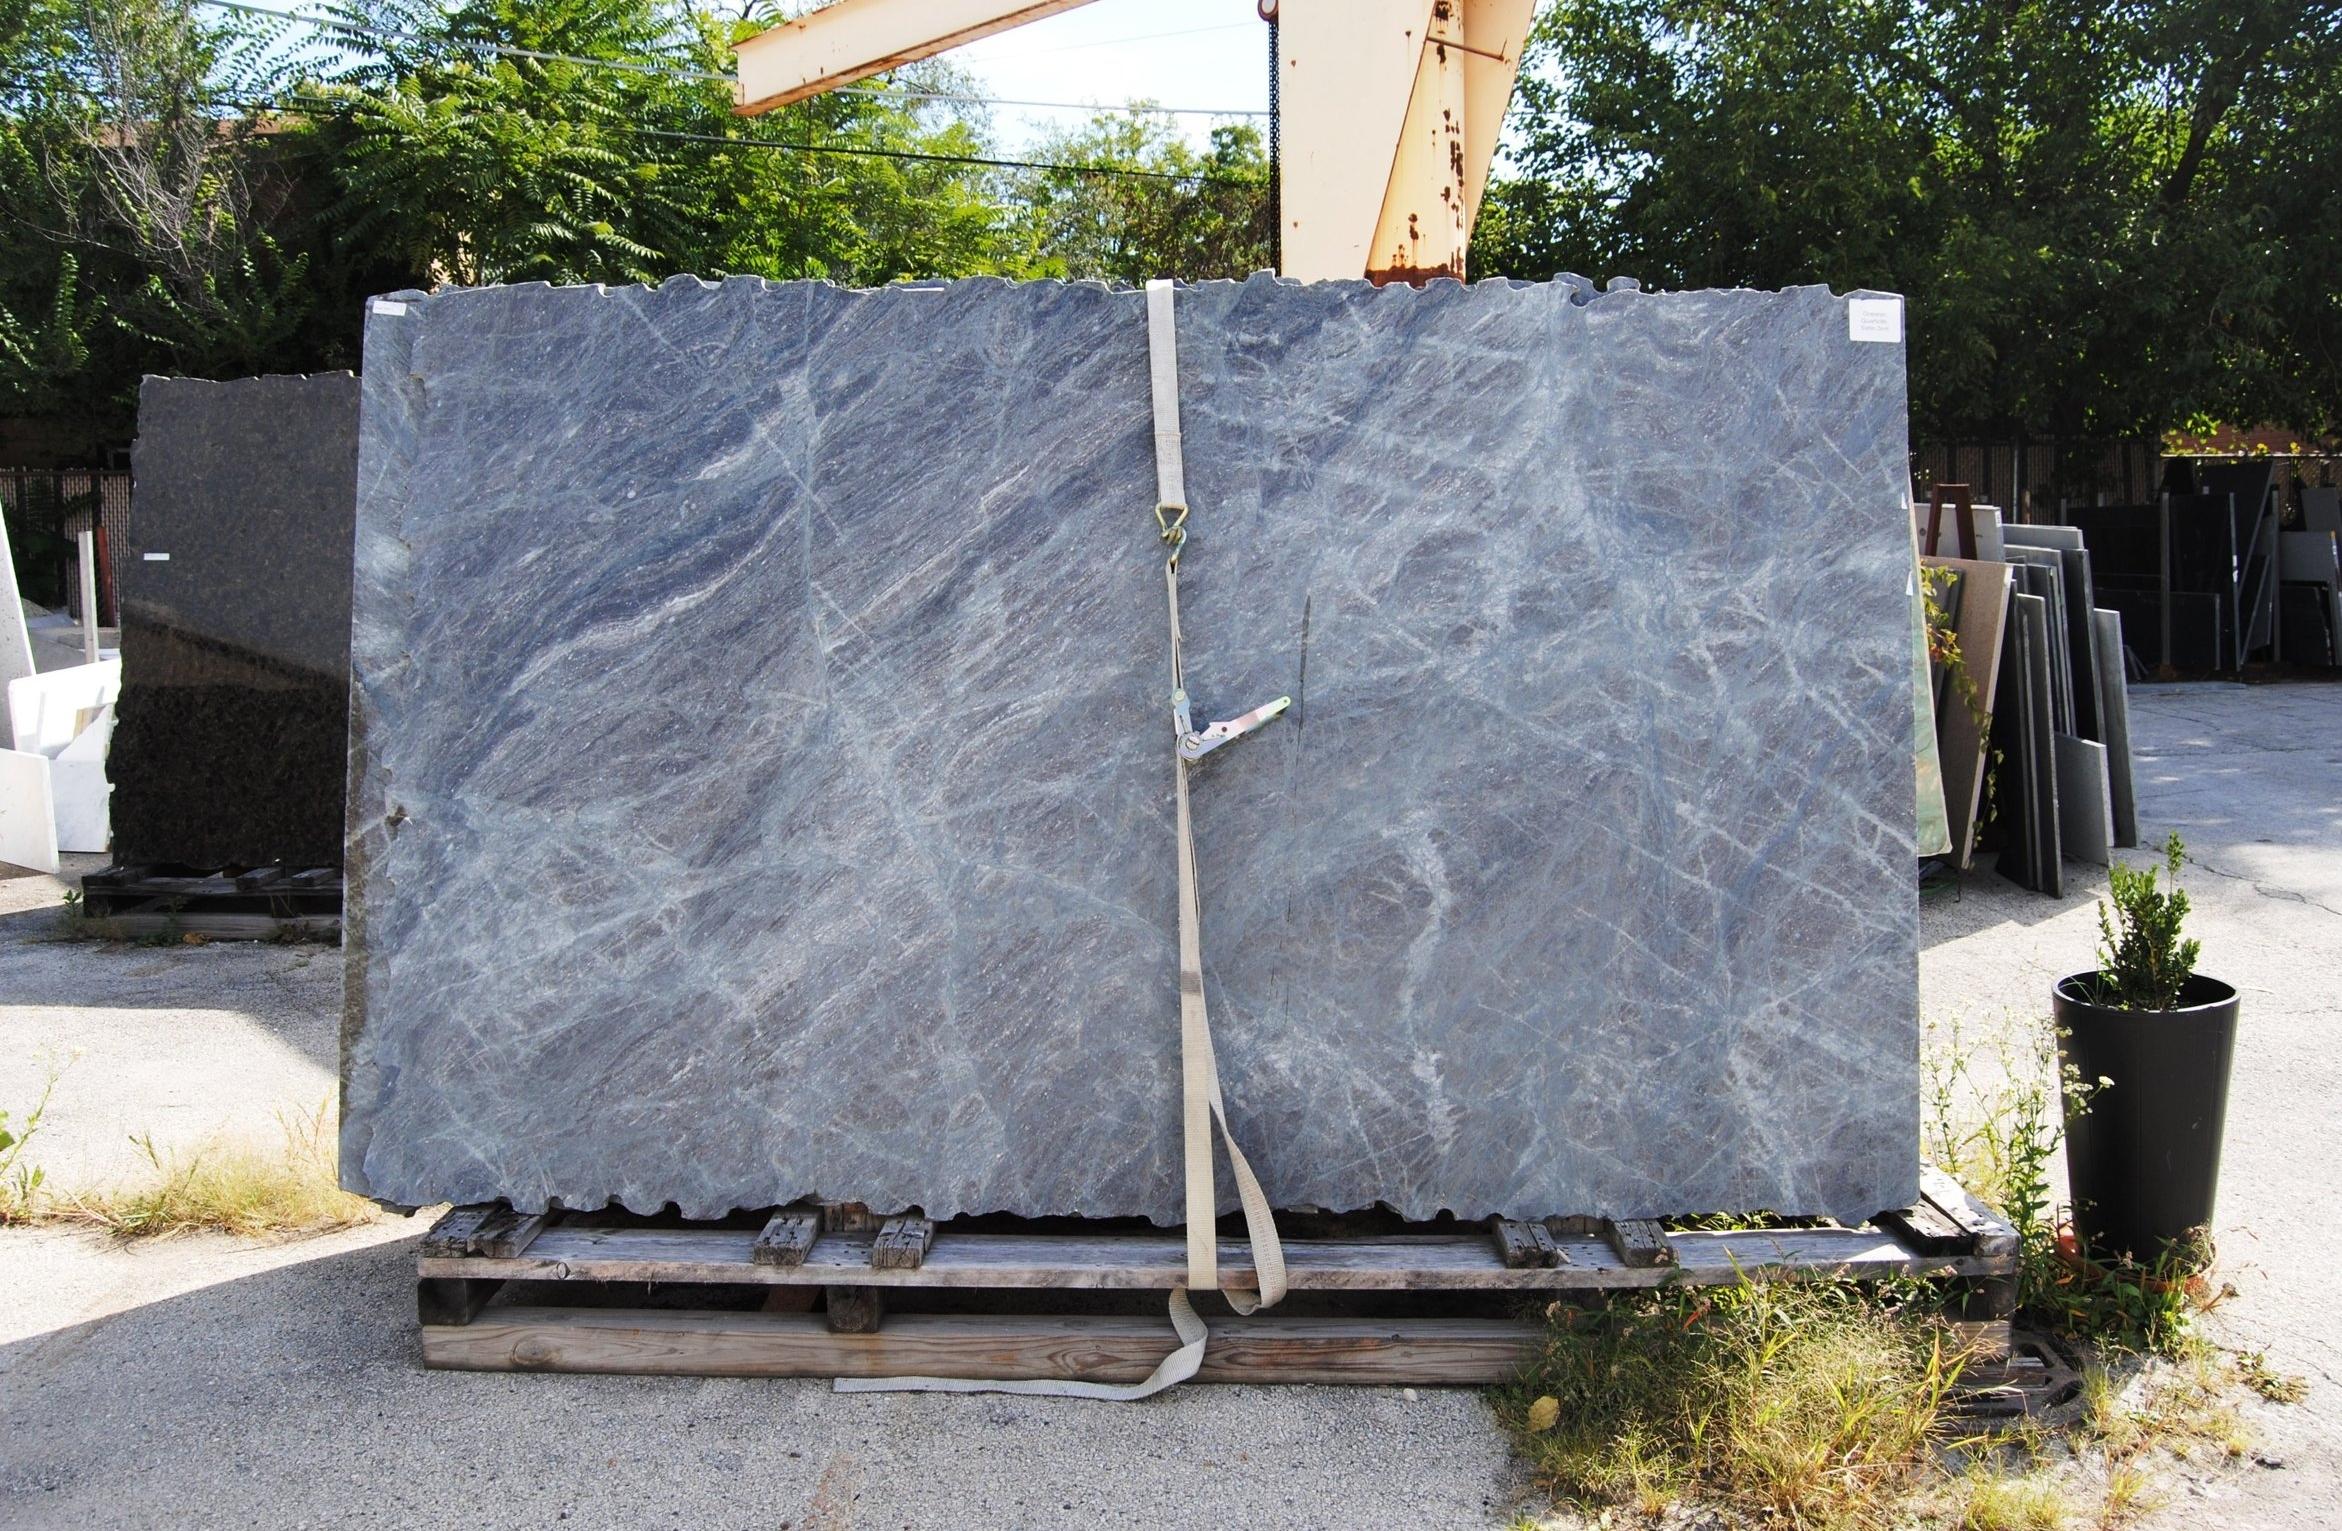 Oceanic Quartzite